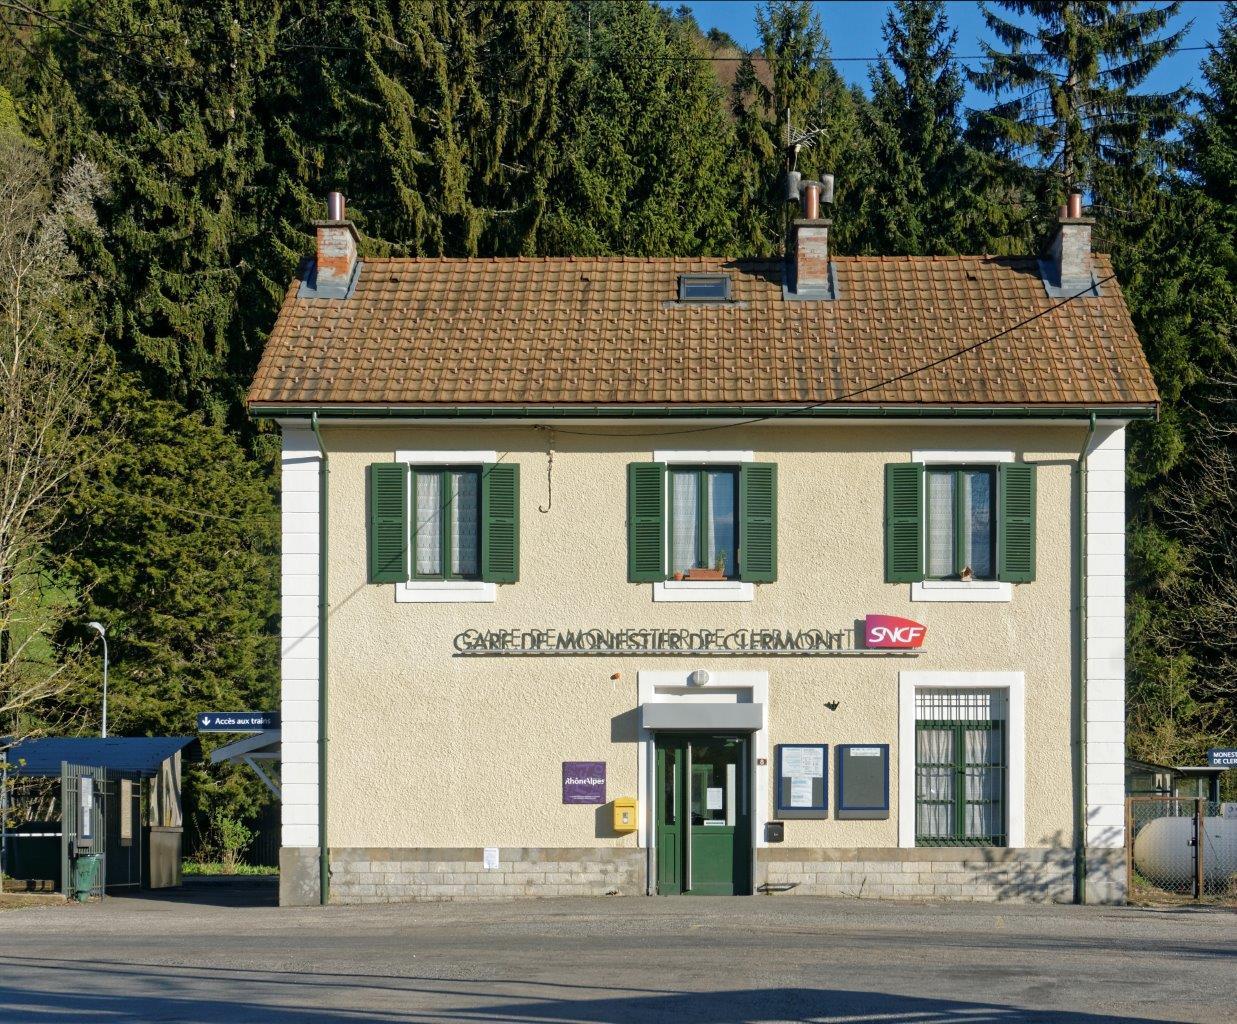 gare-de-monestier-de-clermont-train-station